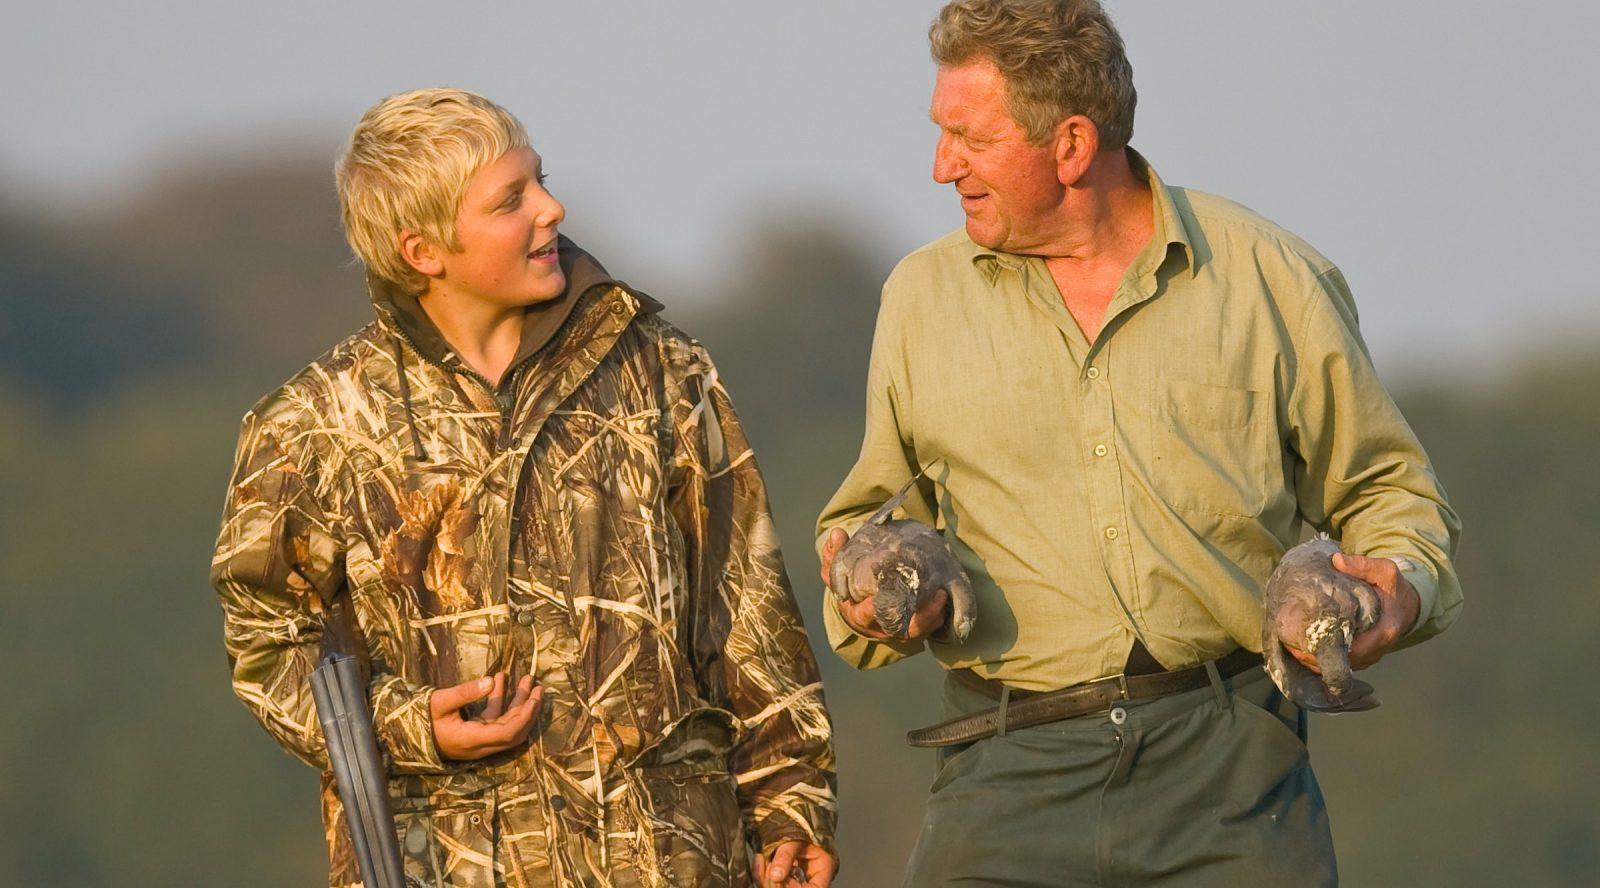 Un chasseur et jeune en chasse accompagnée